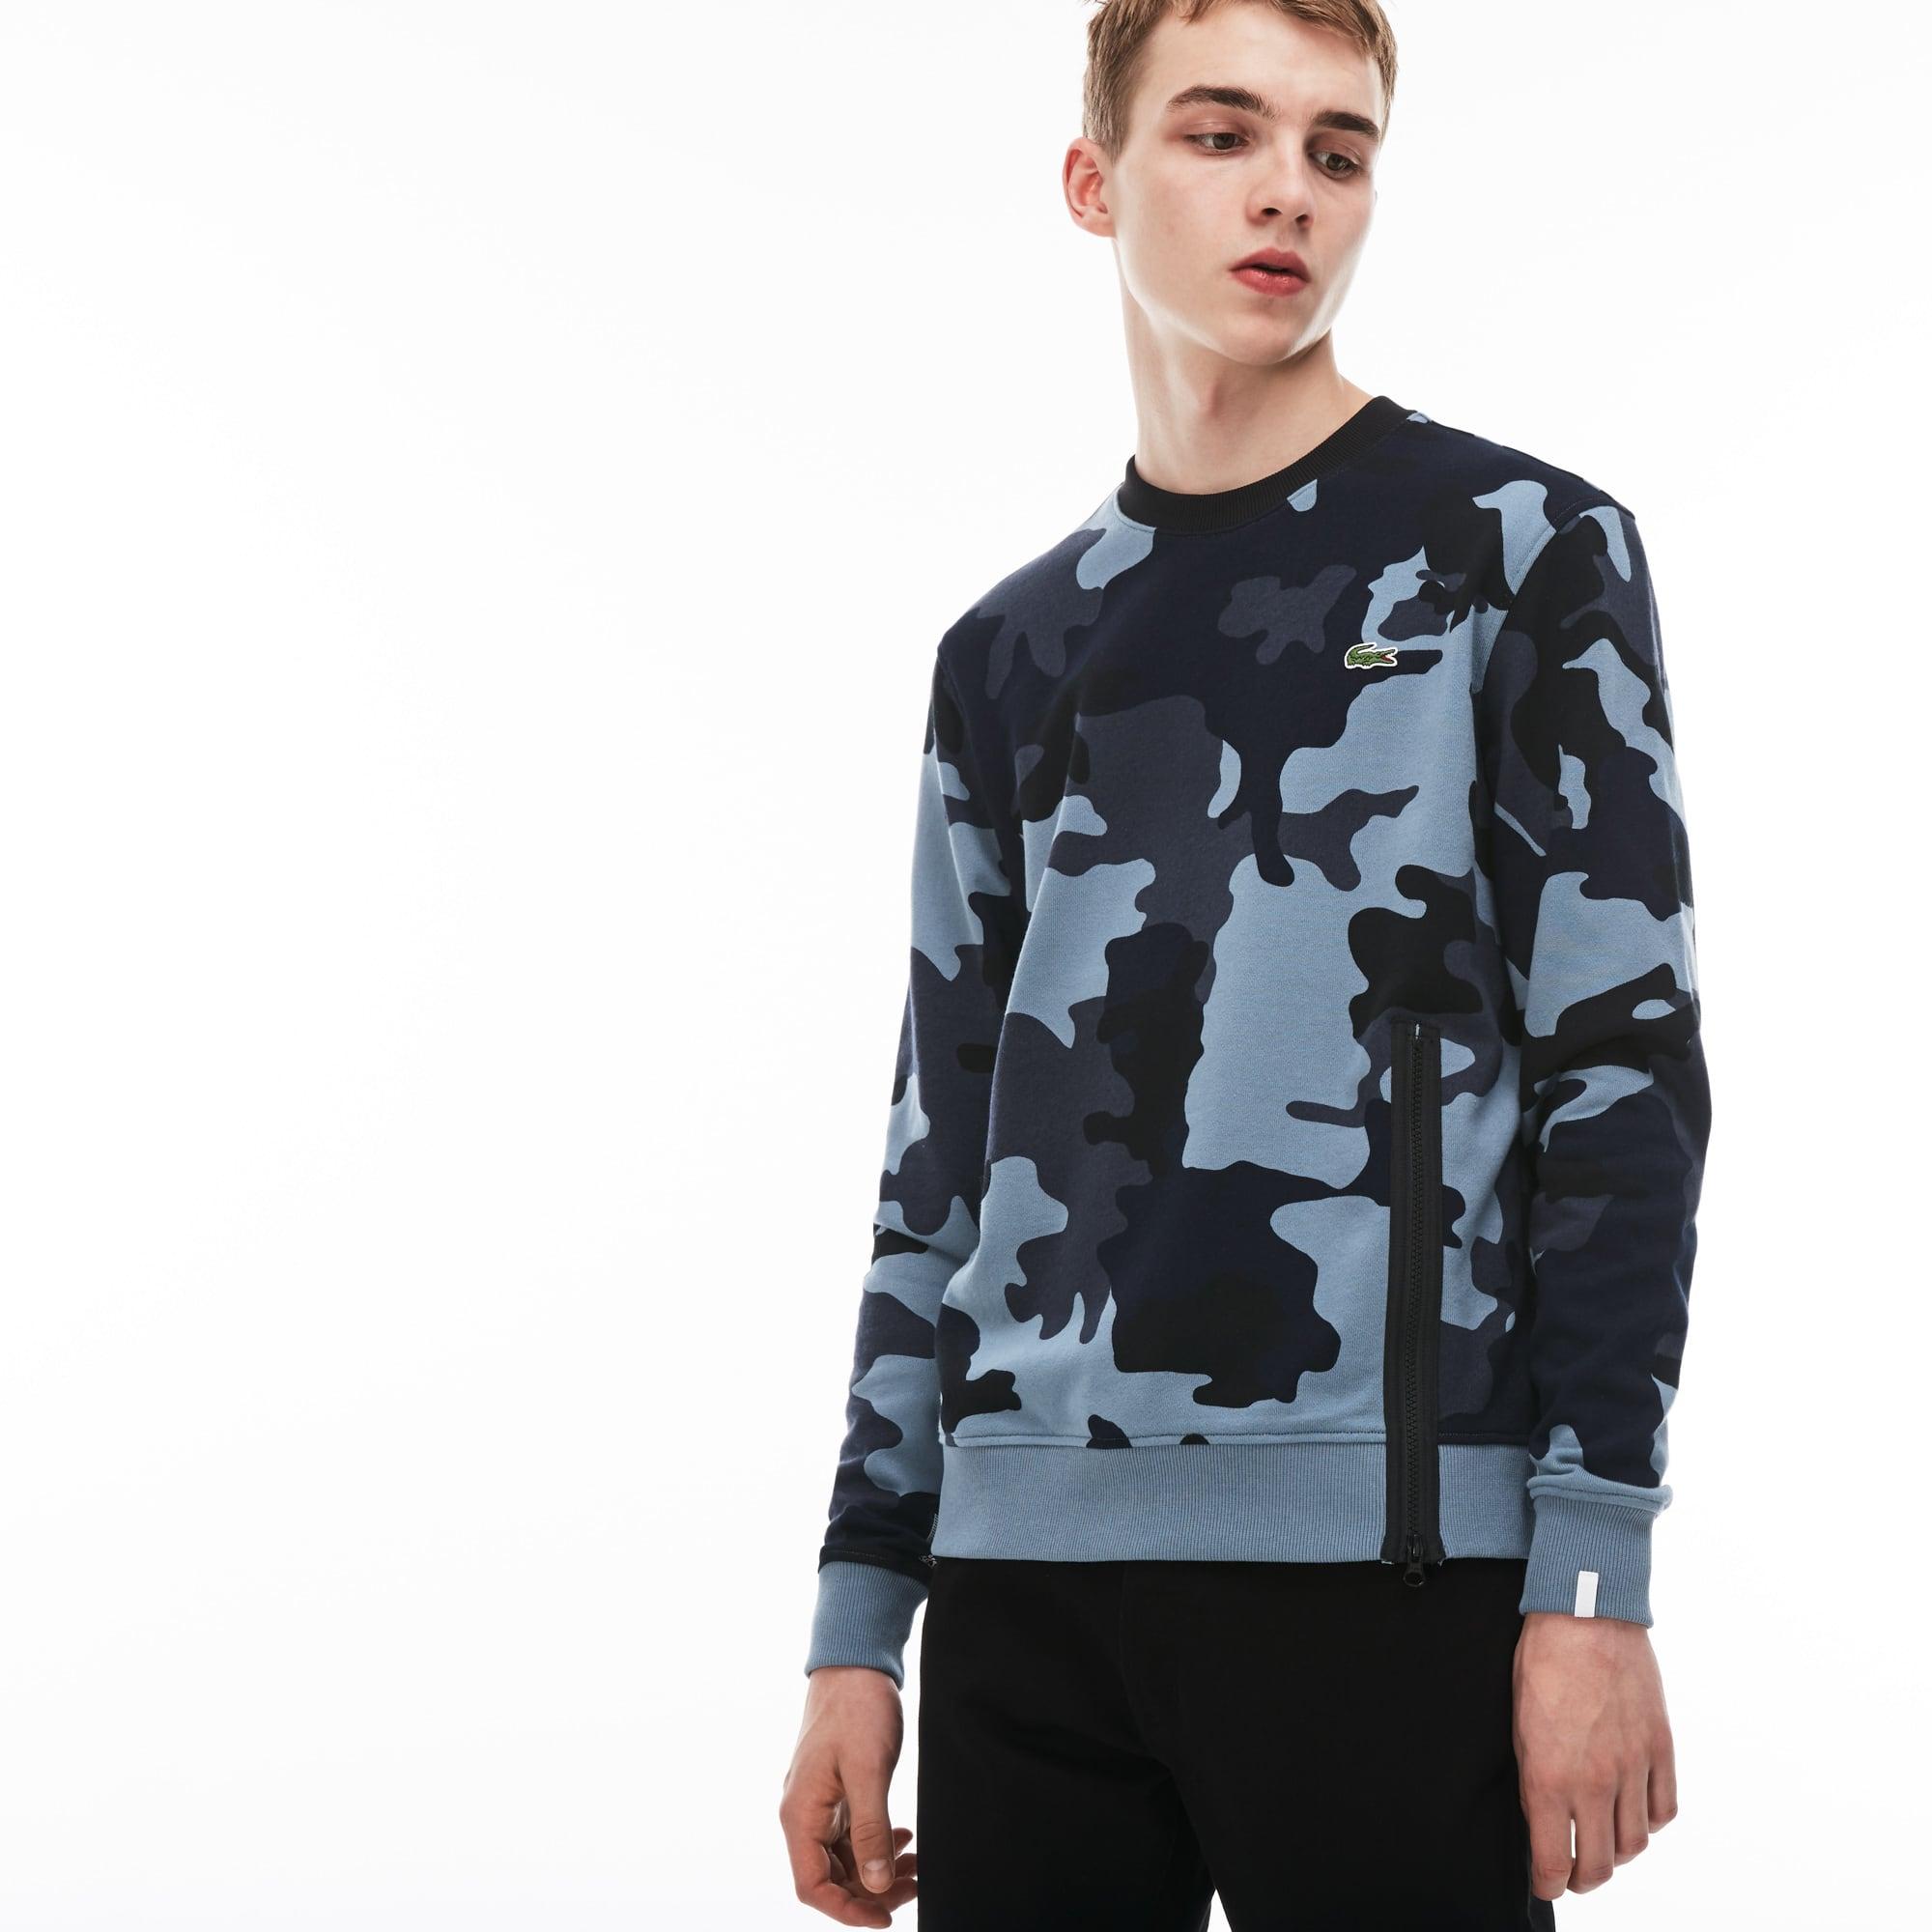 Sweatshirt Lacoste LIVE en molleton imprimé camouflage